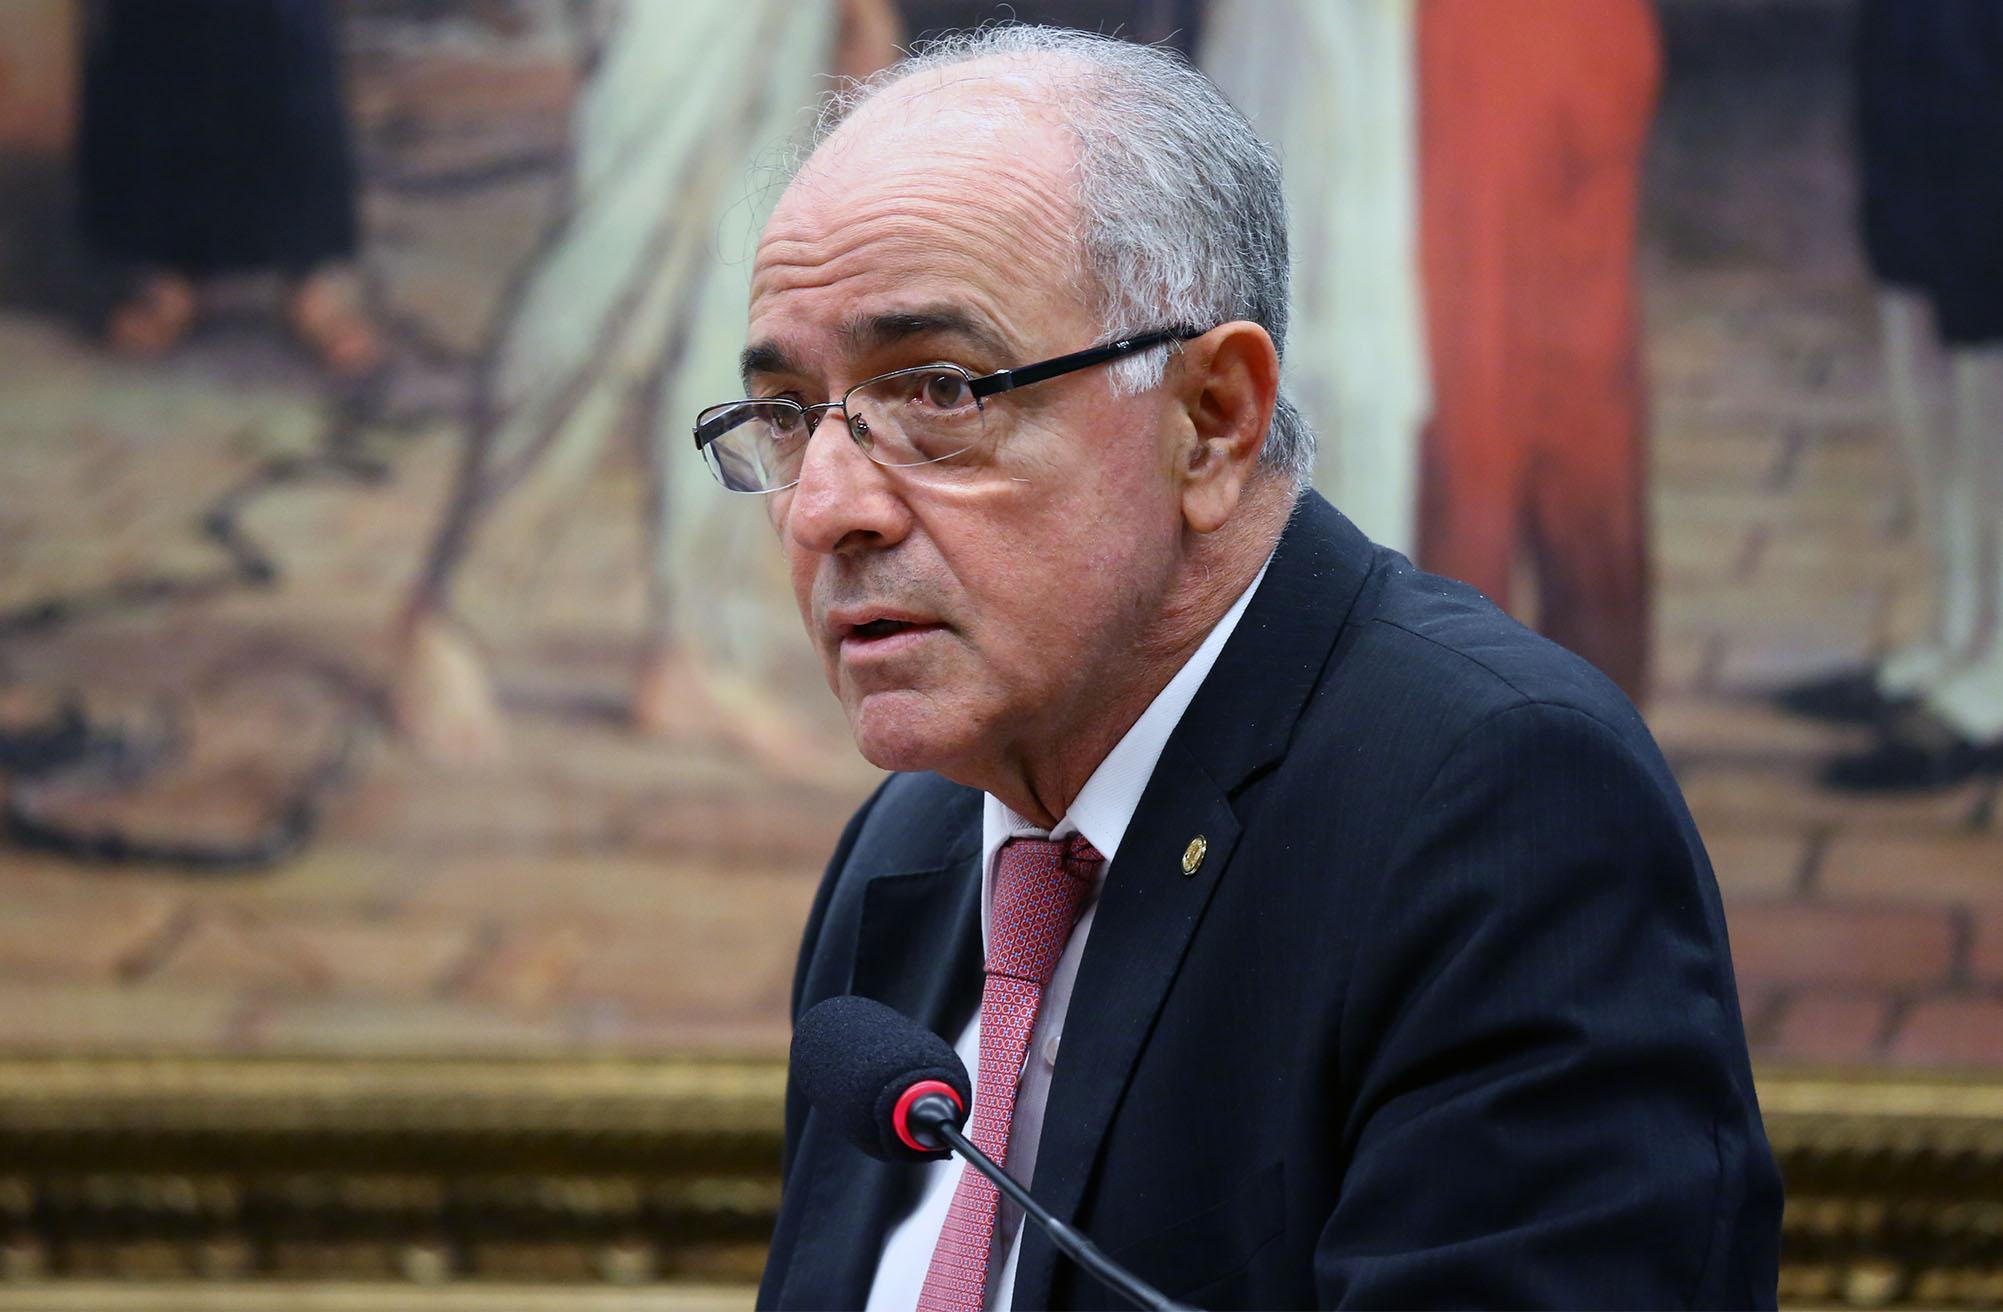 Reunião ordinária para debater sobre o futuro do Setor Elétrico no Brasil. Dep. José Carlos Aleluia (DEM - BA)